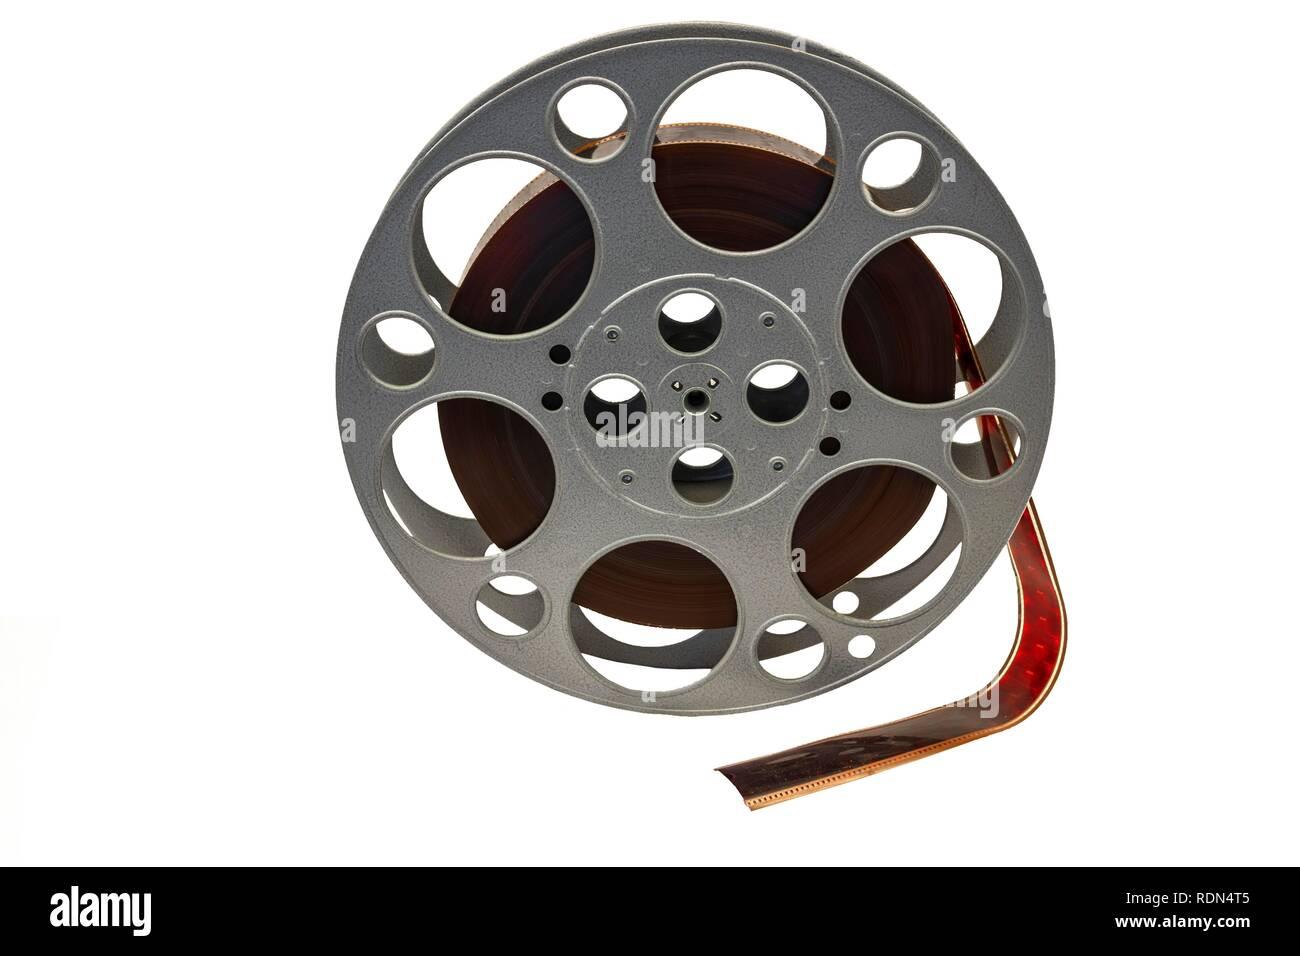 Filmrolle mit Film für Filme, Industrie Museum Lauf an der Pegnitz, Mittelfranken, Bayern, Deutschland Stockbild